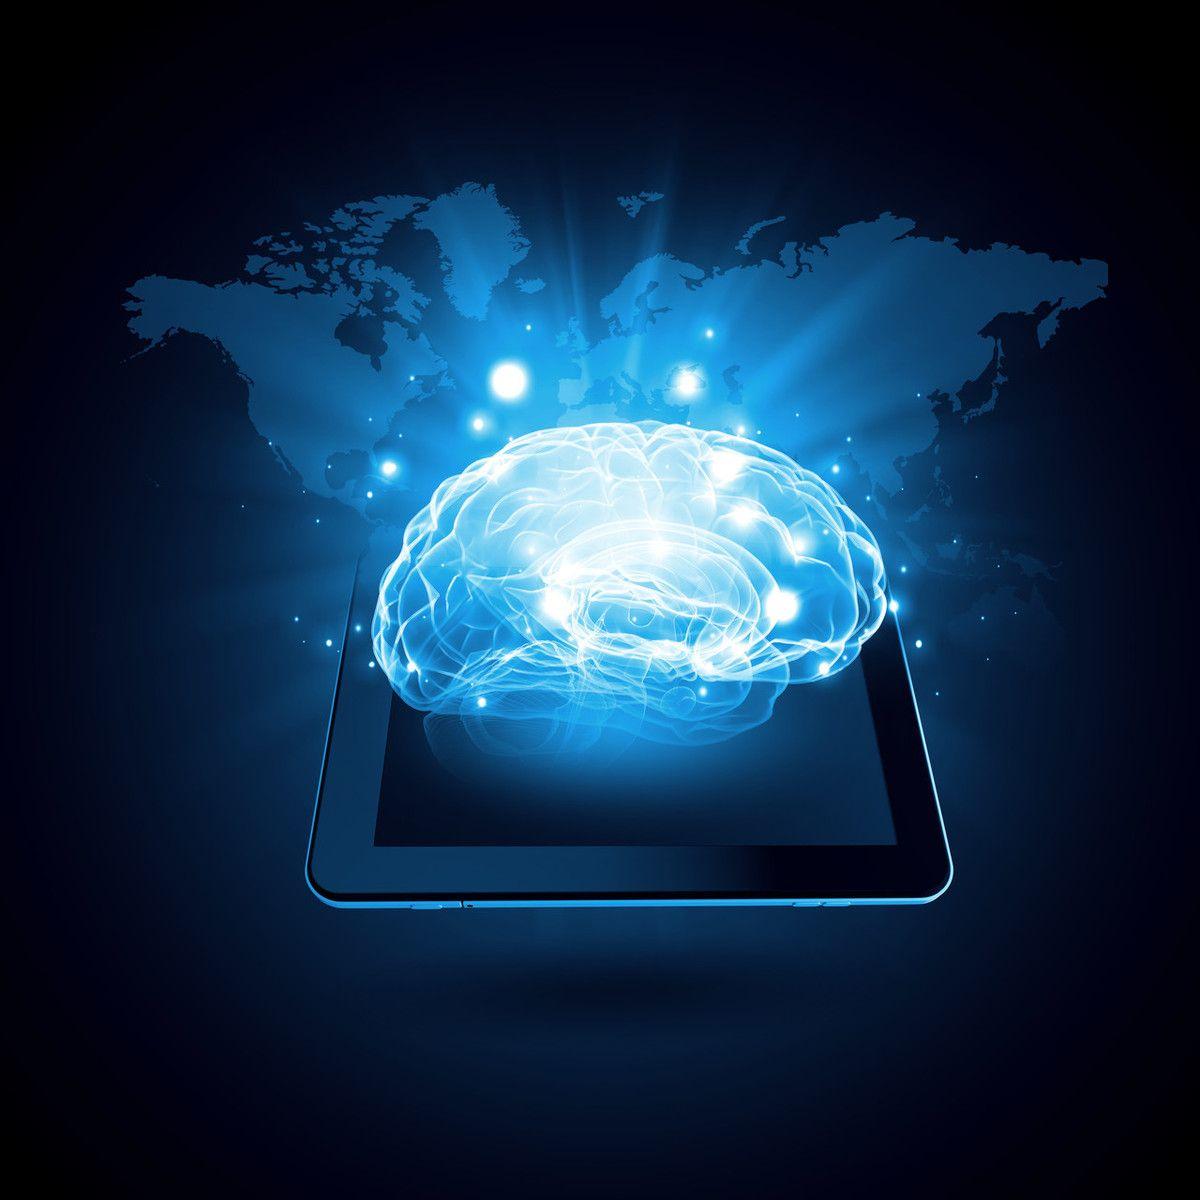 投资采购及信息科技管理中的法律风险